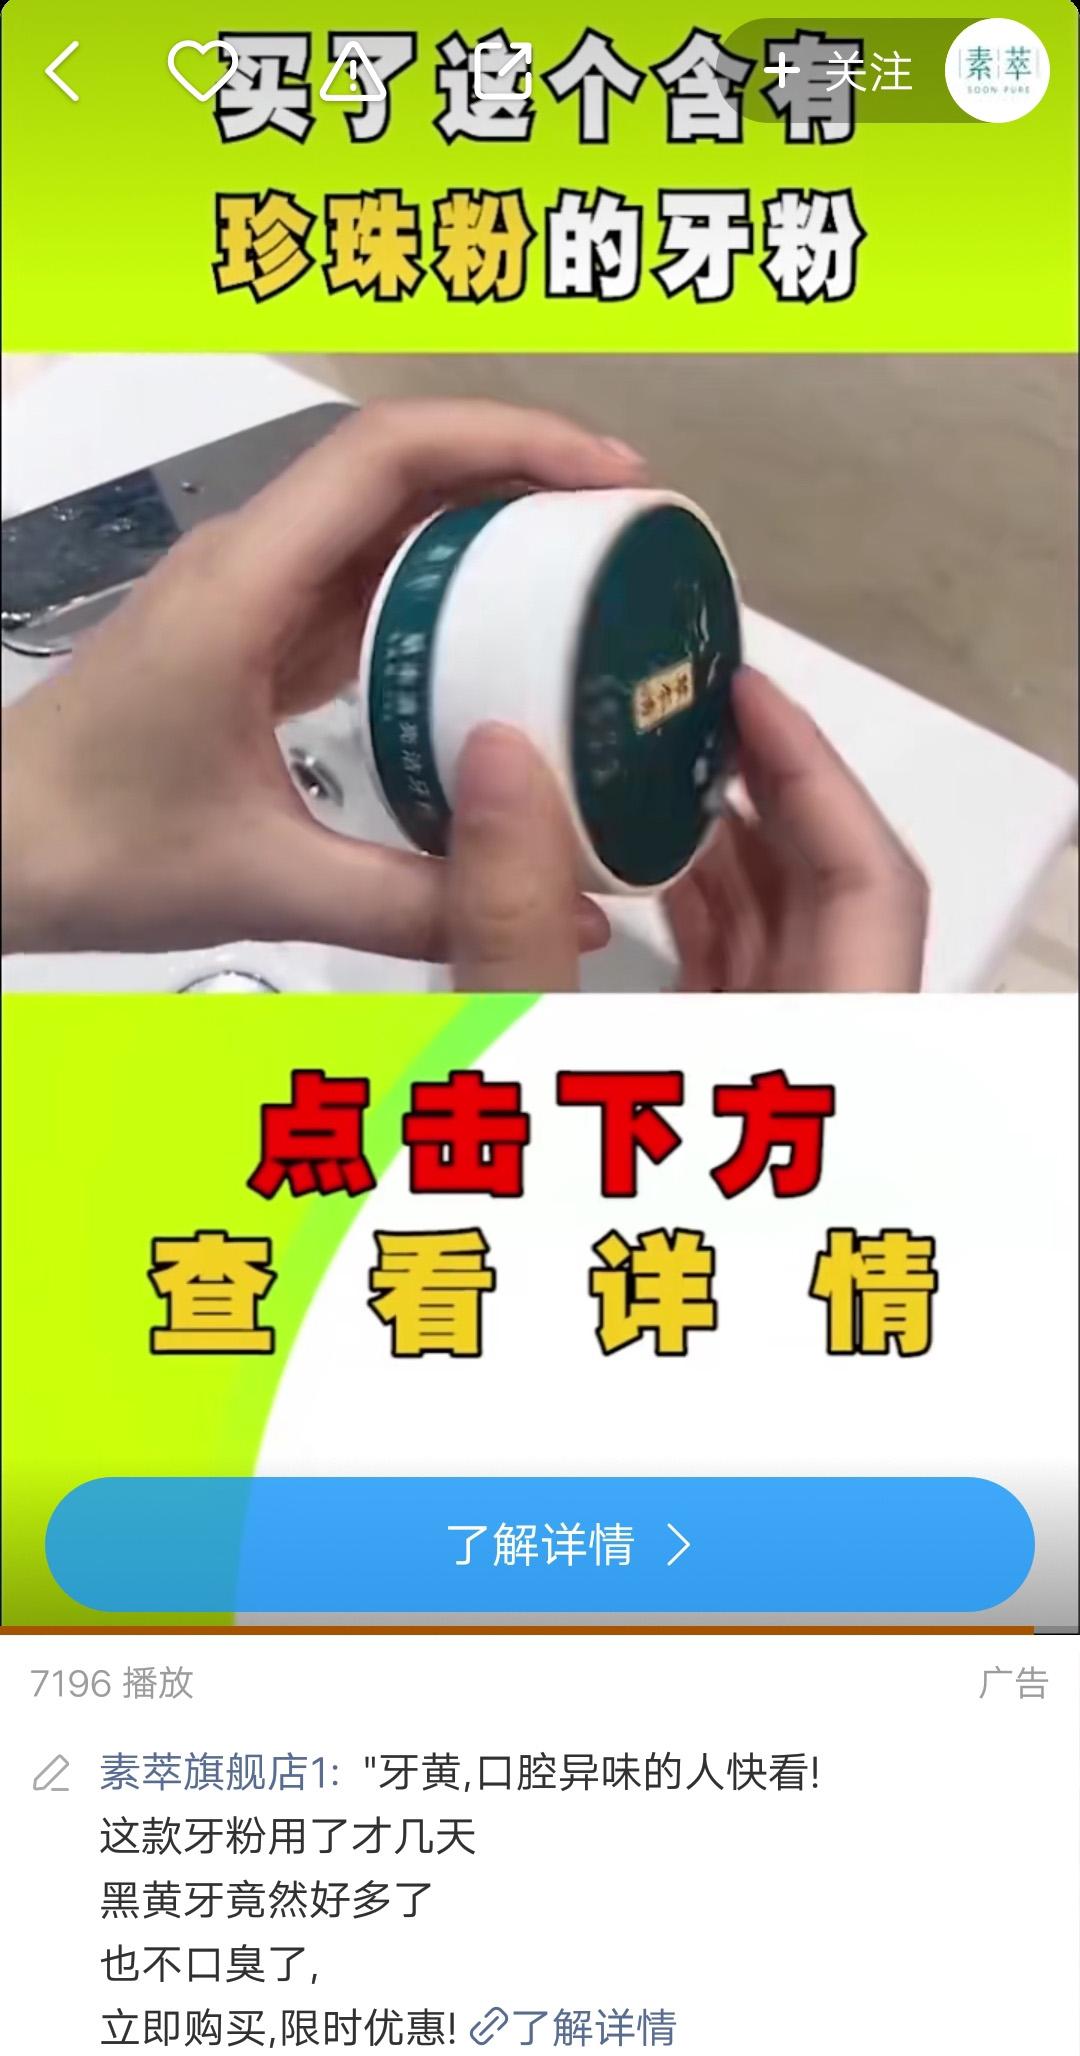 快手广告投放荟萃牙粉,美妆护肤推广就选快手广告